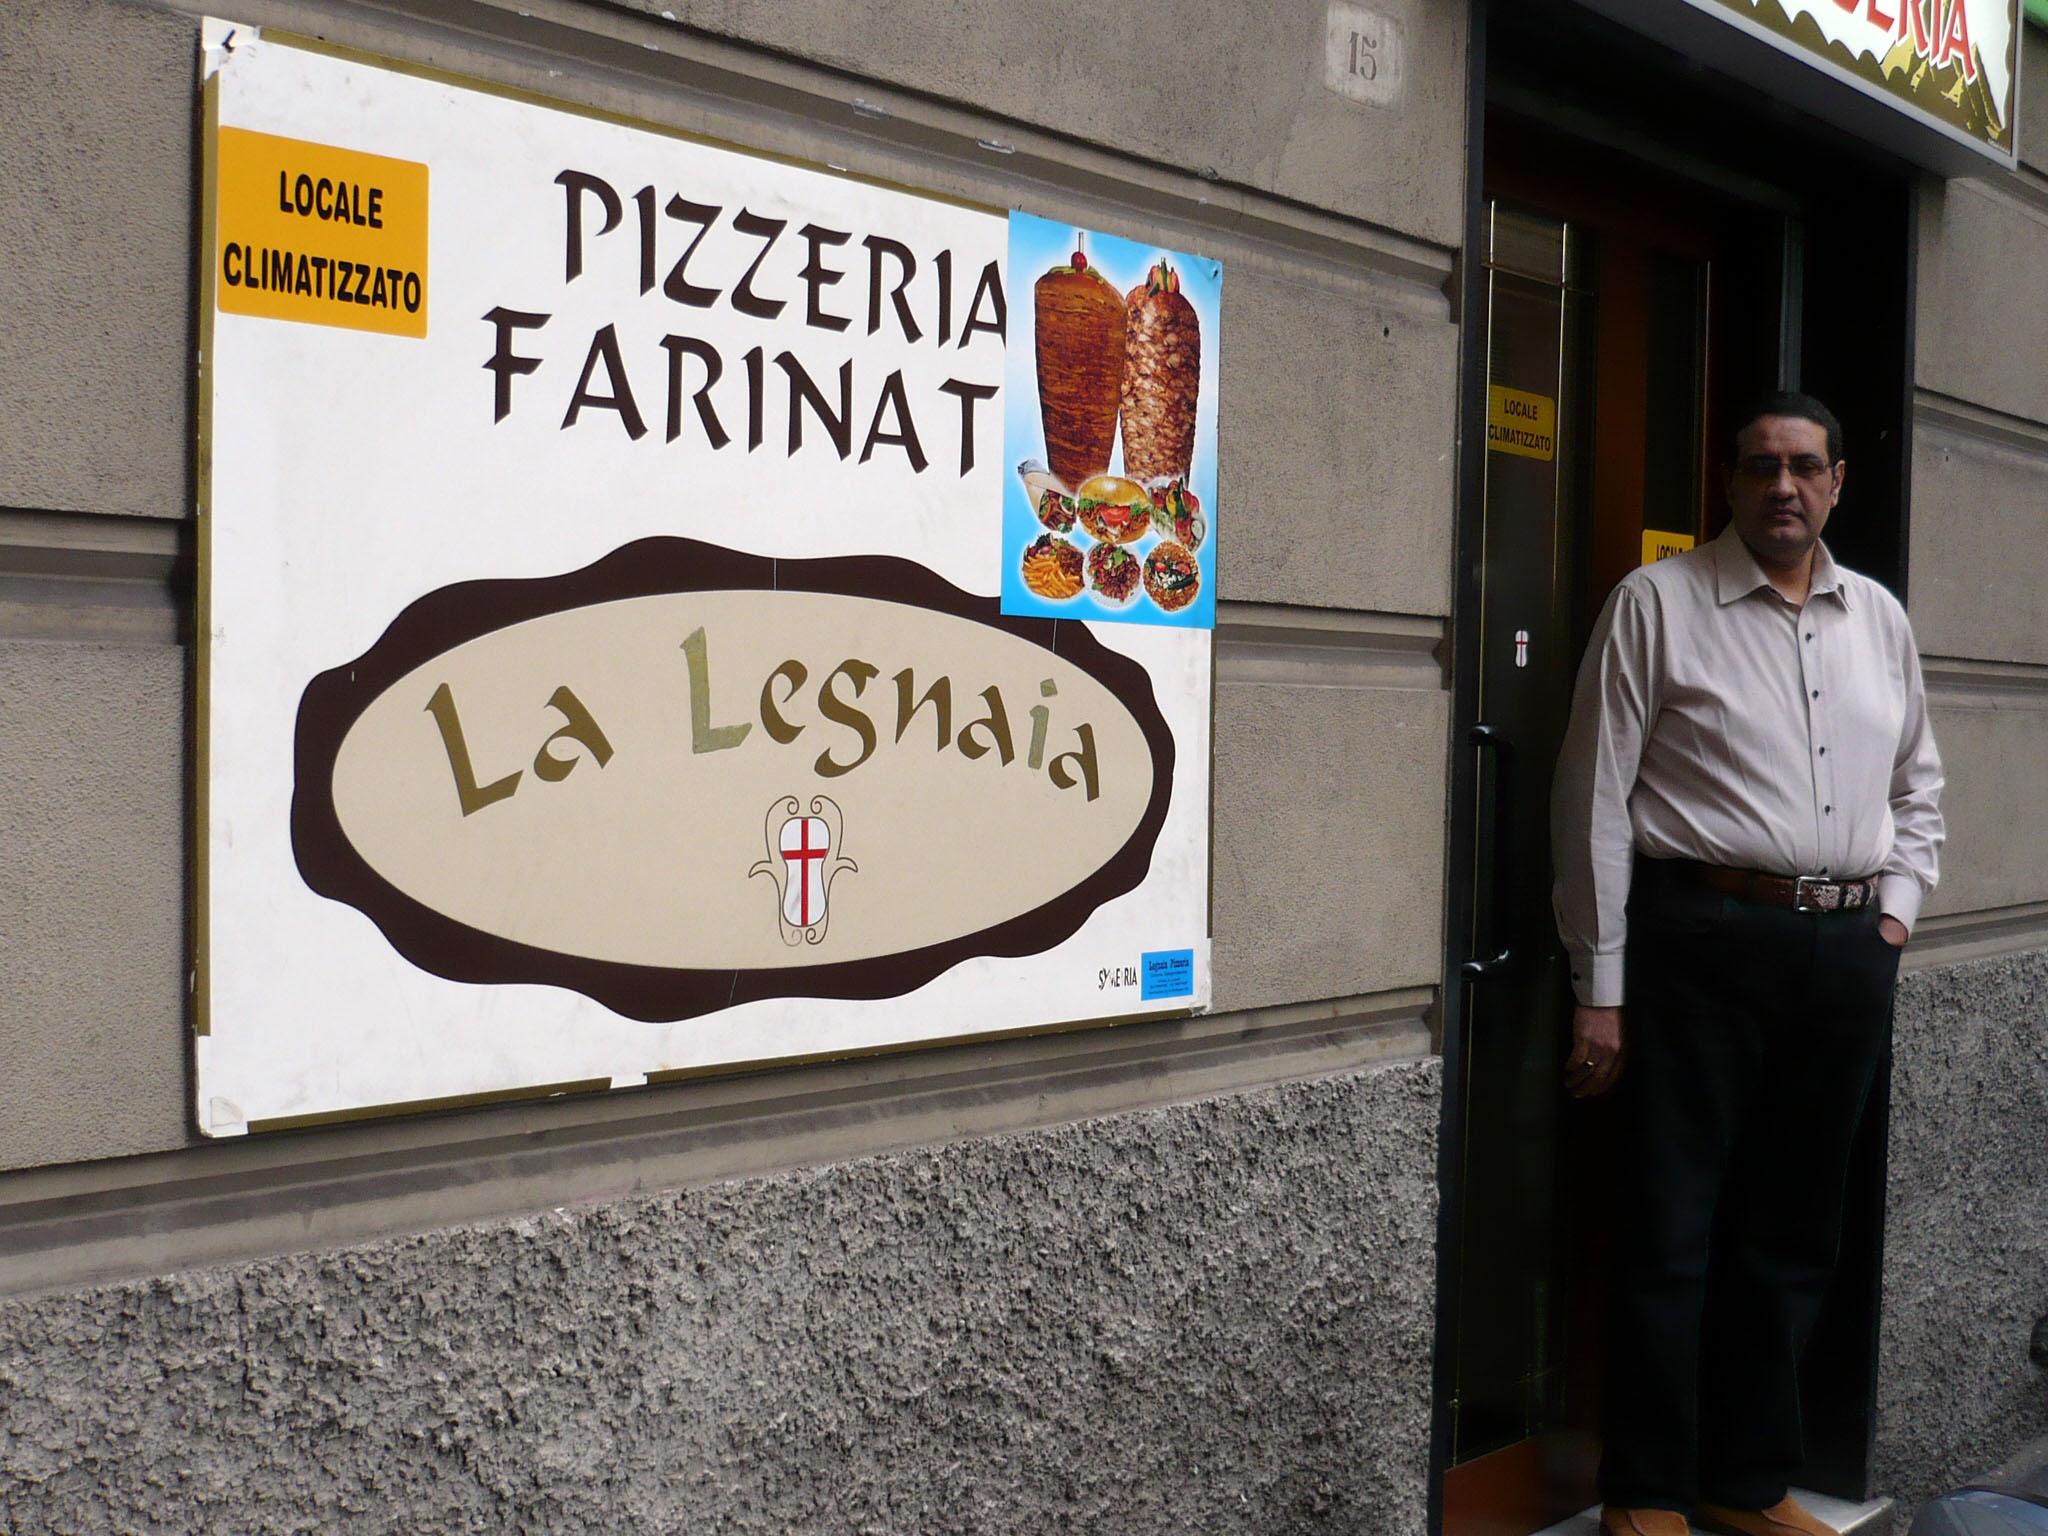 Pizzeria da Asporto a Genova. PIZZERIA LA LEGNAIA Di Nashed Makrem tel 010 6457957 cell 338 2774357